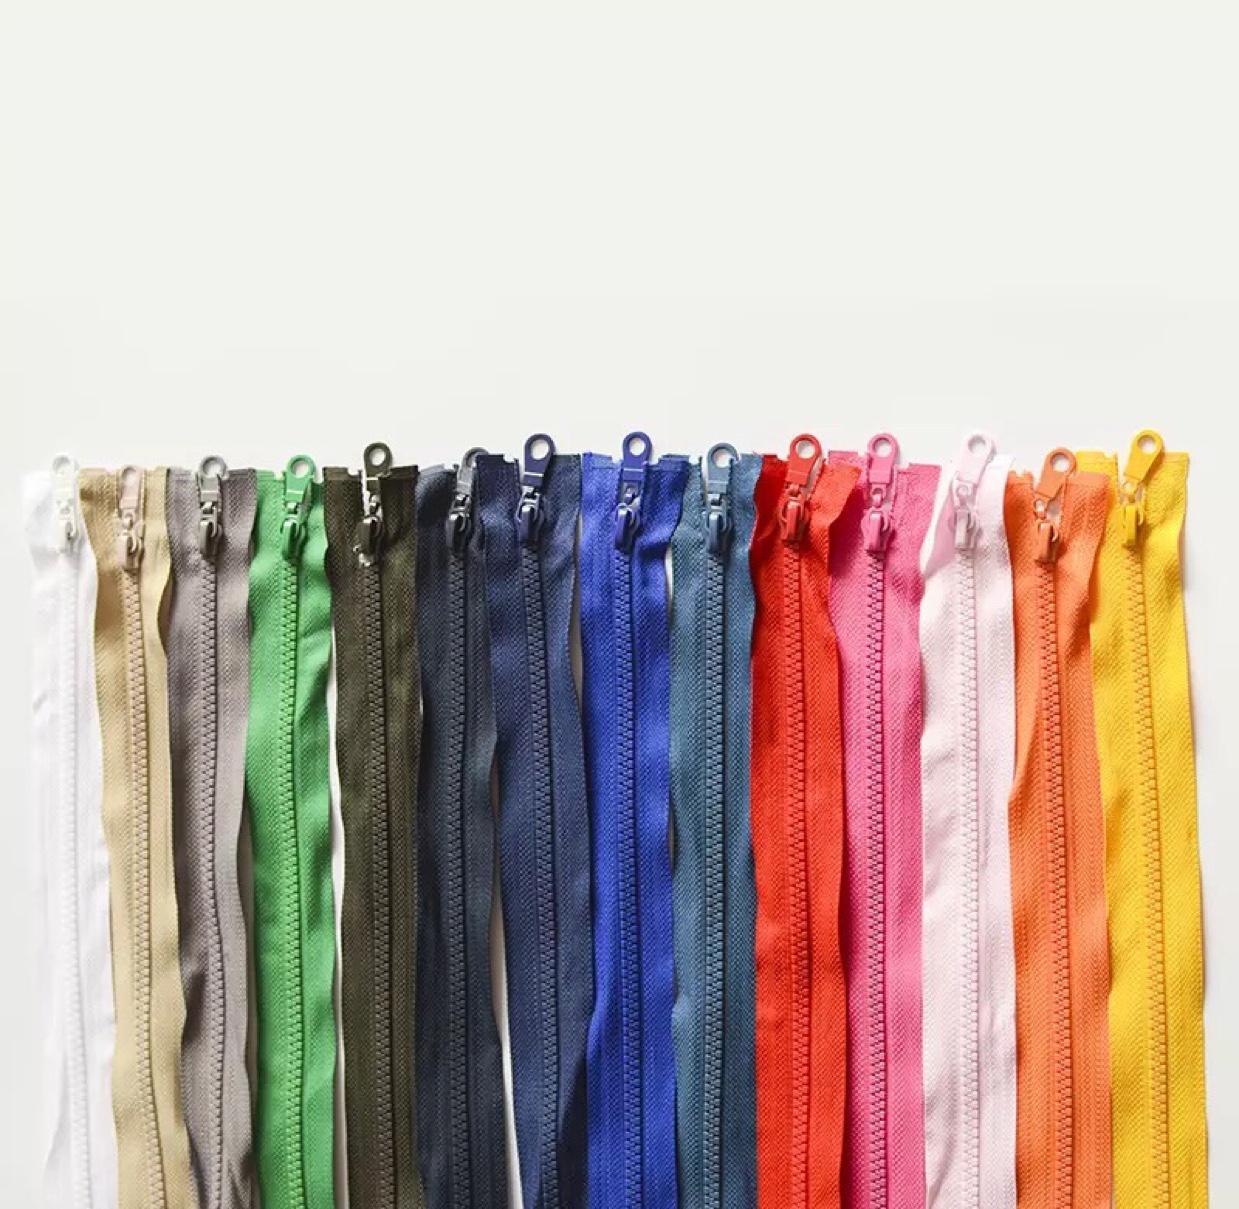 现货批发5号树脂拉链开尾60公分粗齿拉链 校服羽绒服工作服外套拉链